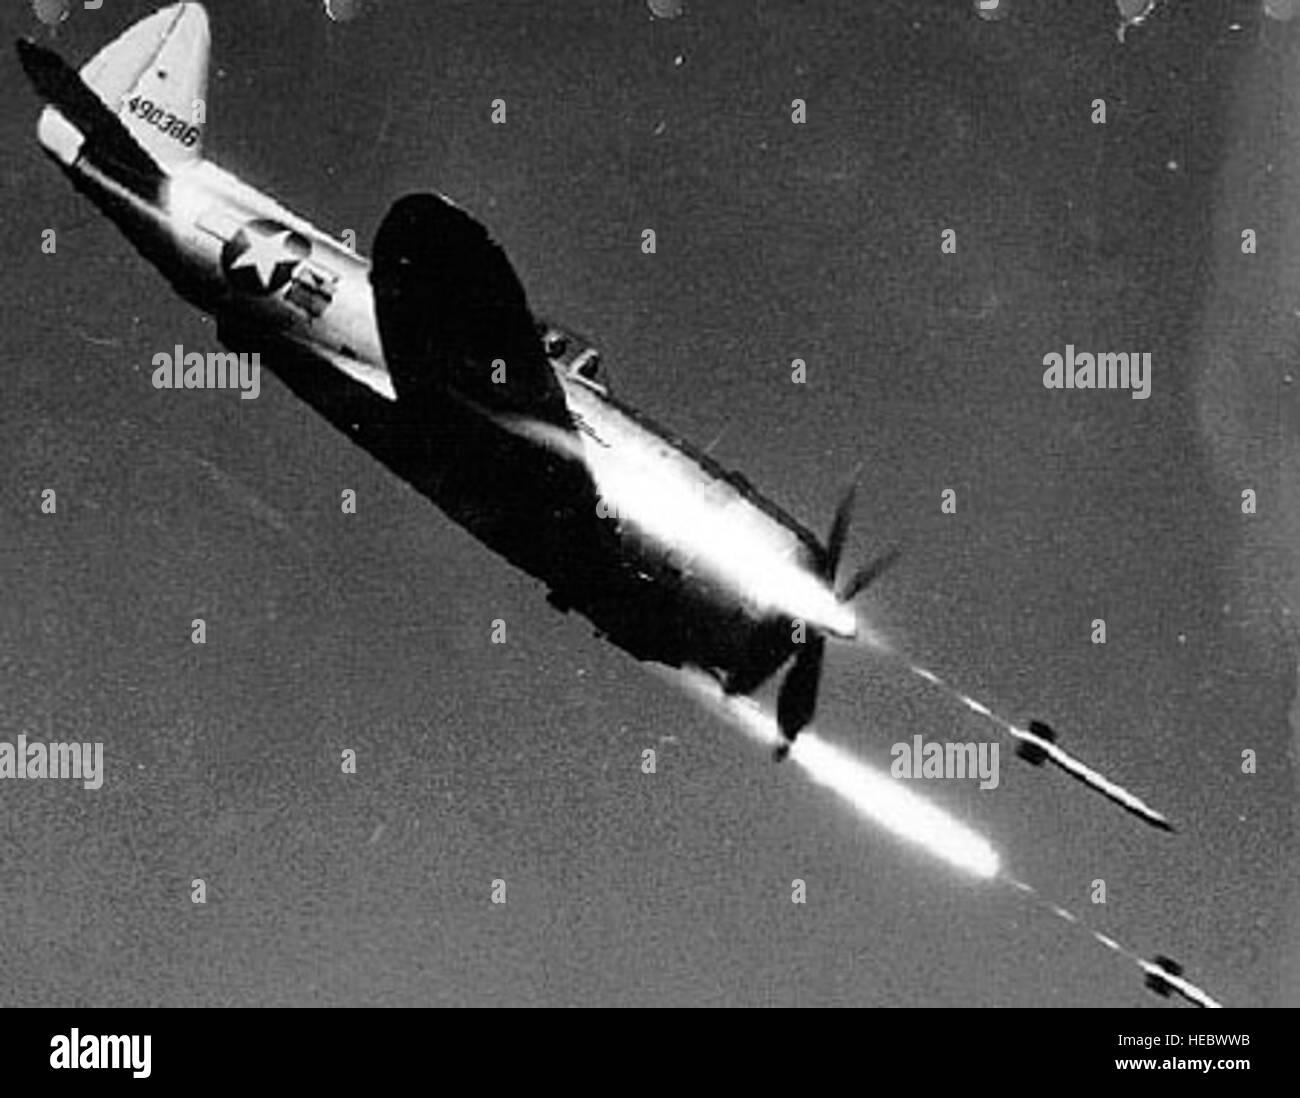 Republic P-47D-40-RE in flight firing rockets (S/N 44-90386)  (U S